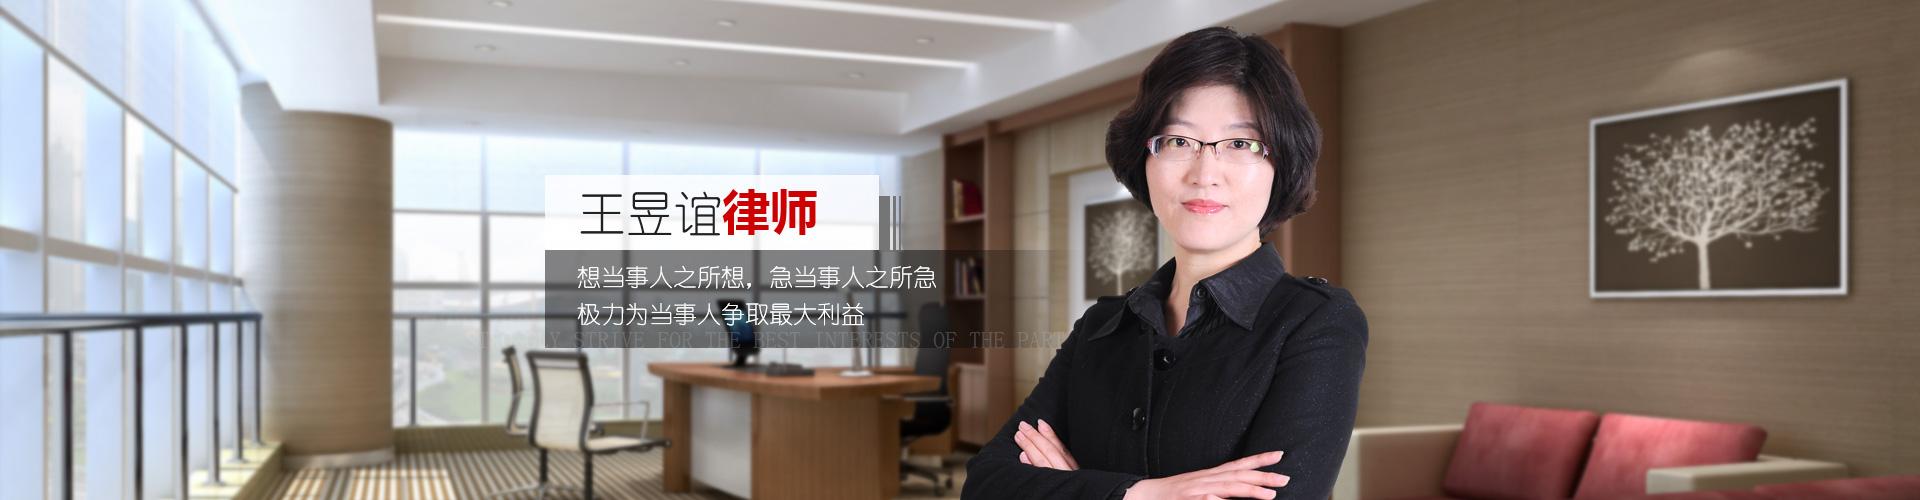 山东王昱谊律师